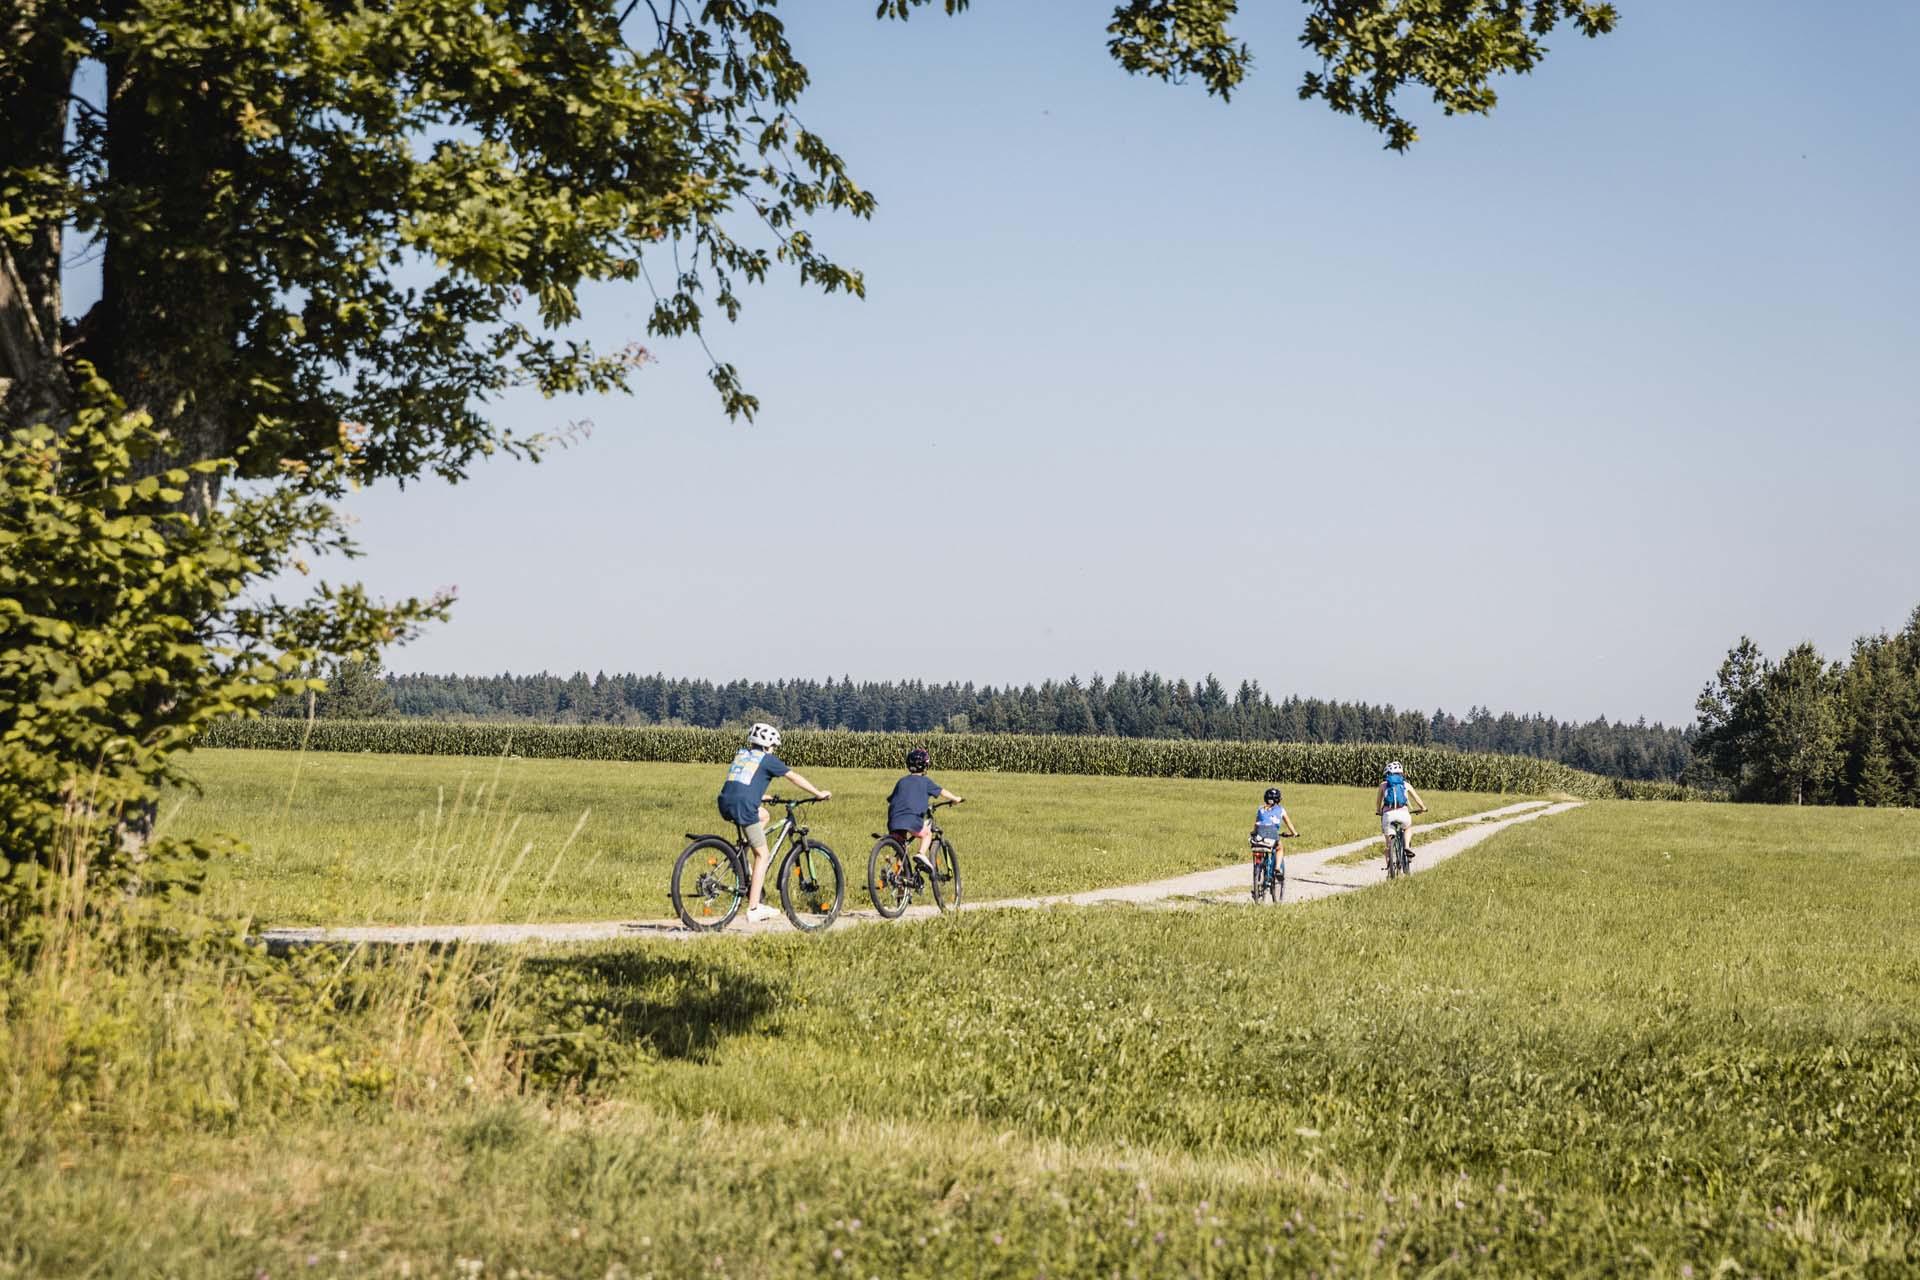 Vorbei an Wiesen und Feldern führt der Donau-Bodensee-Radweg durch die Landschaft der Ferienregion Oberschwaben-Allgäu.